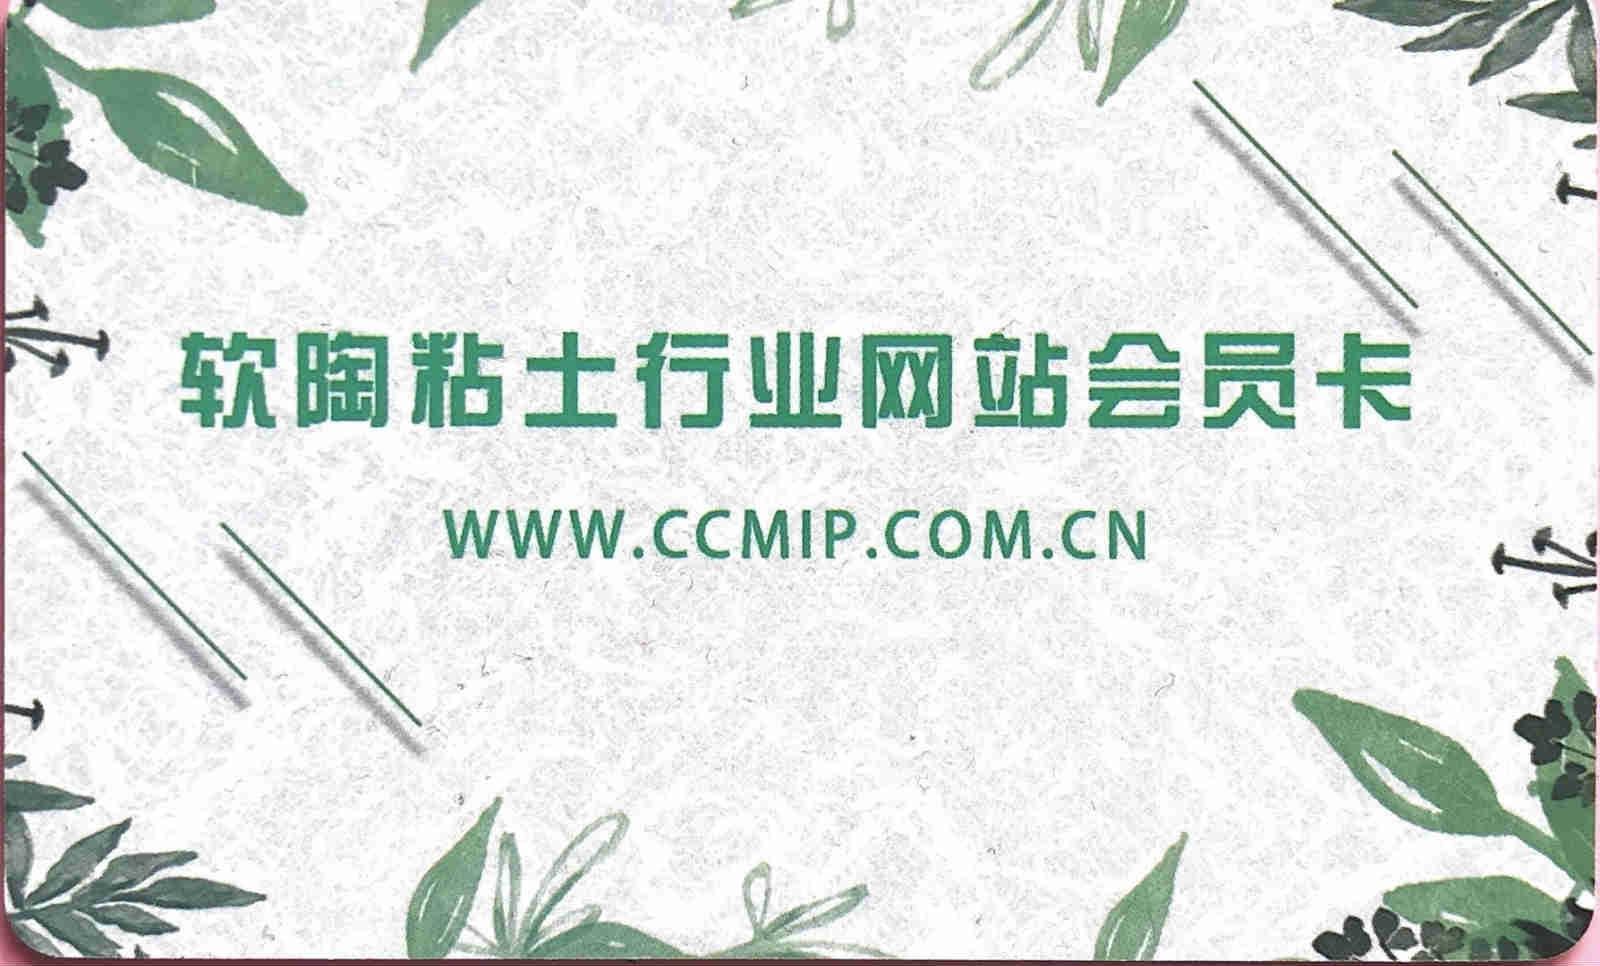 软陶粘土行业网站会员卡